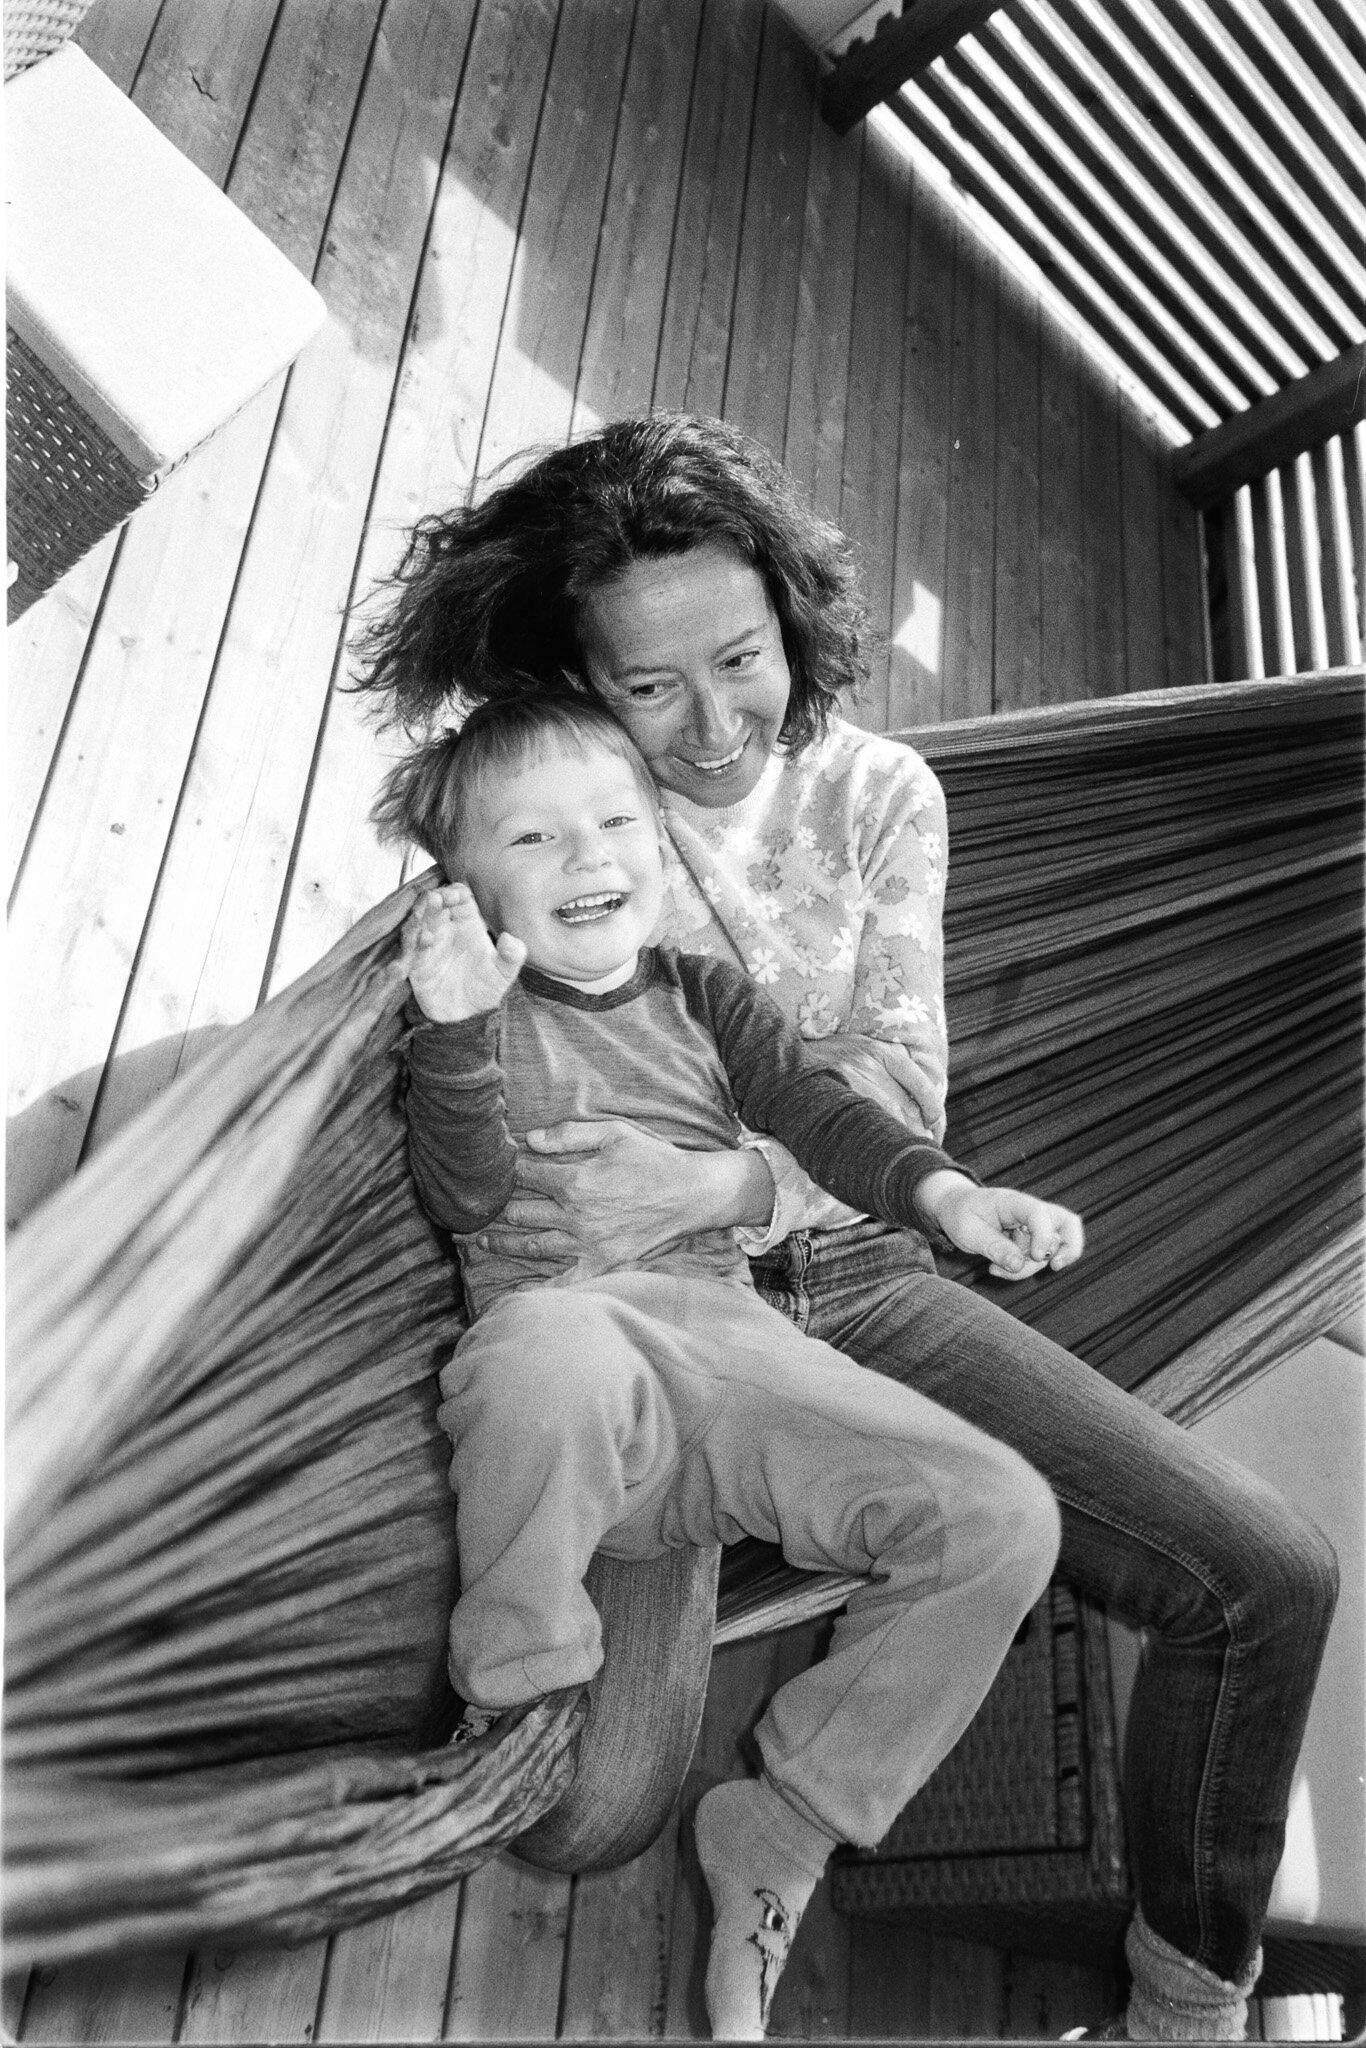 Mom and my nephew Nikolai